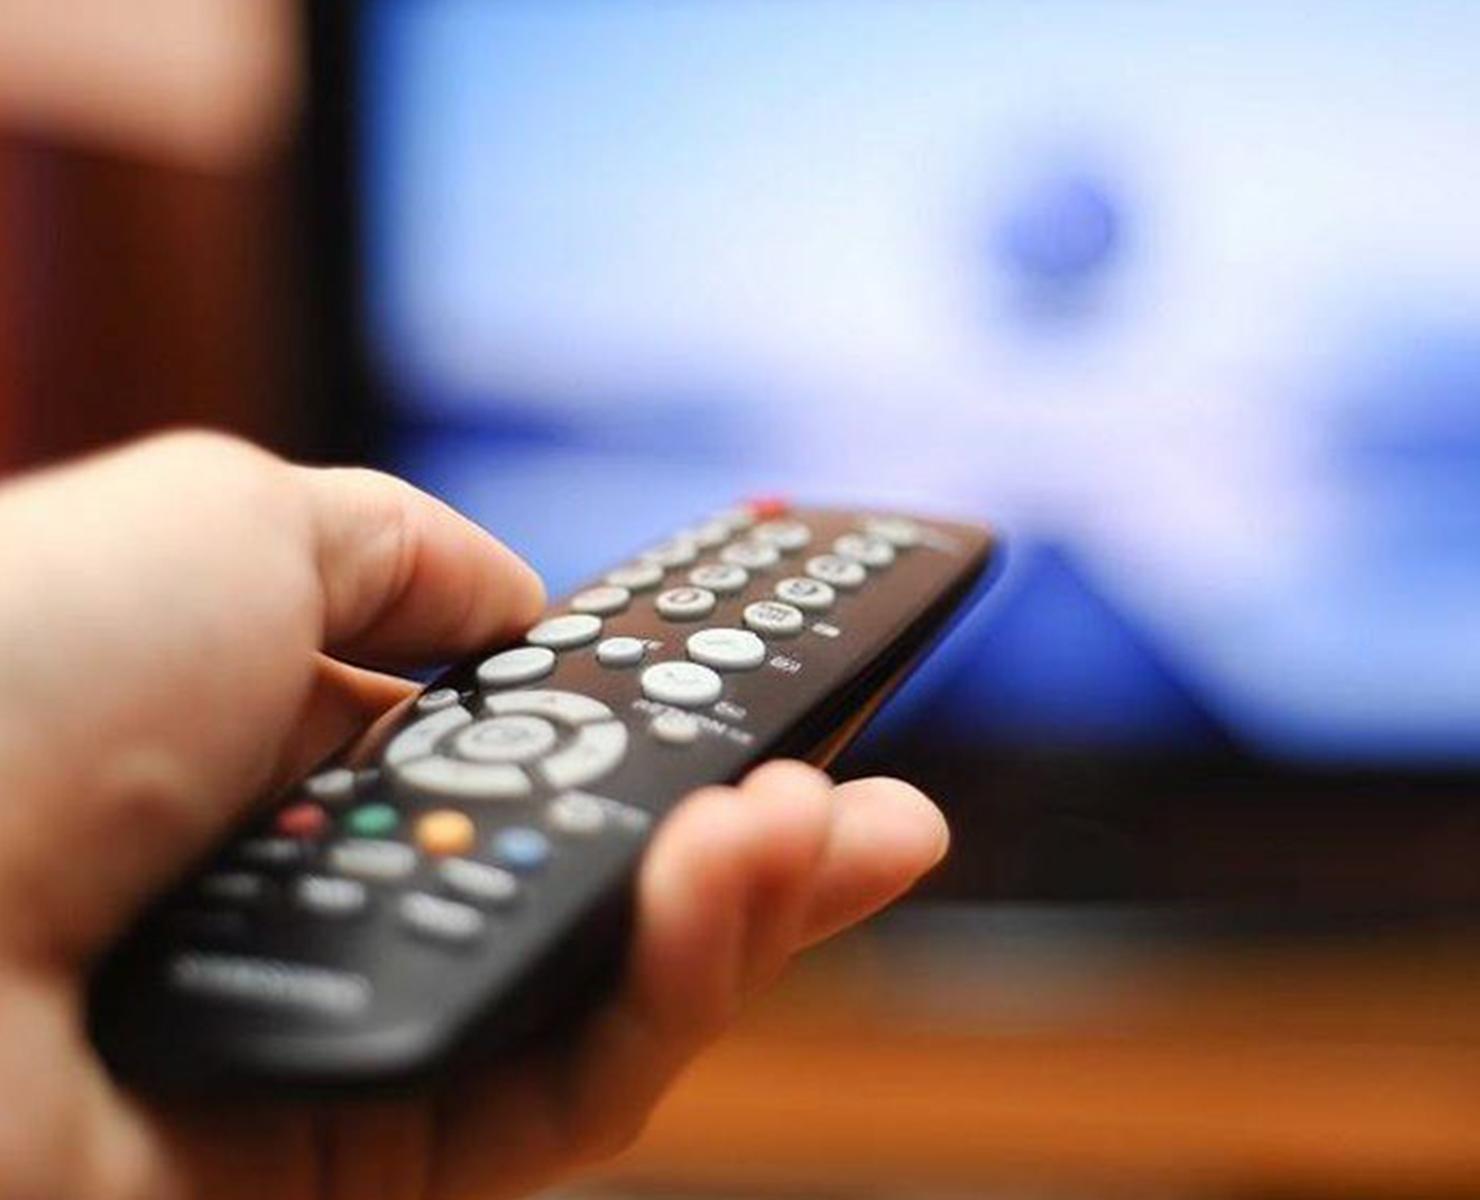 TECNOLOGIA: TV POR ASSINATURA TERÁ ALERTA DA DEFESA CIVIL